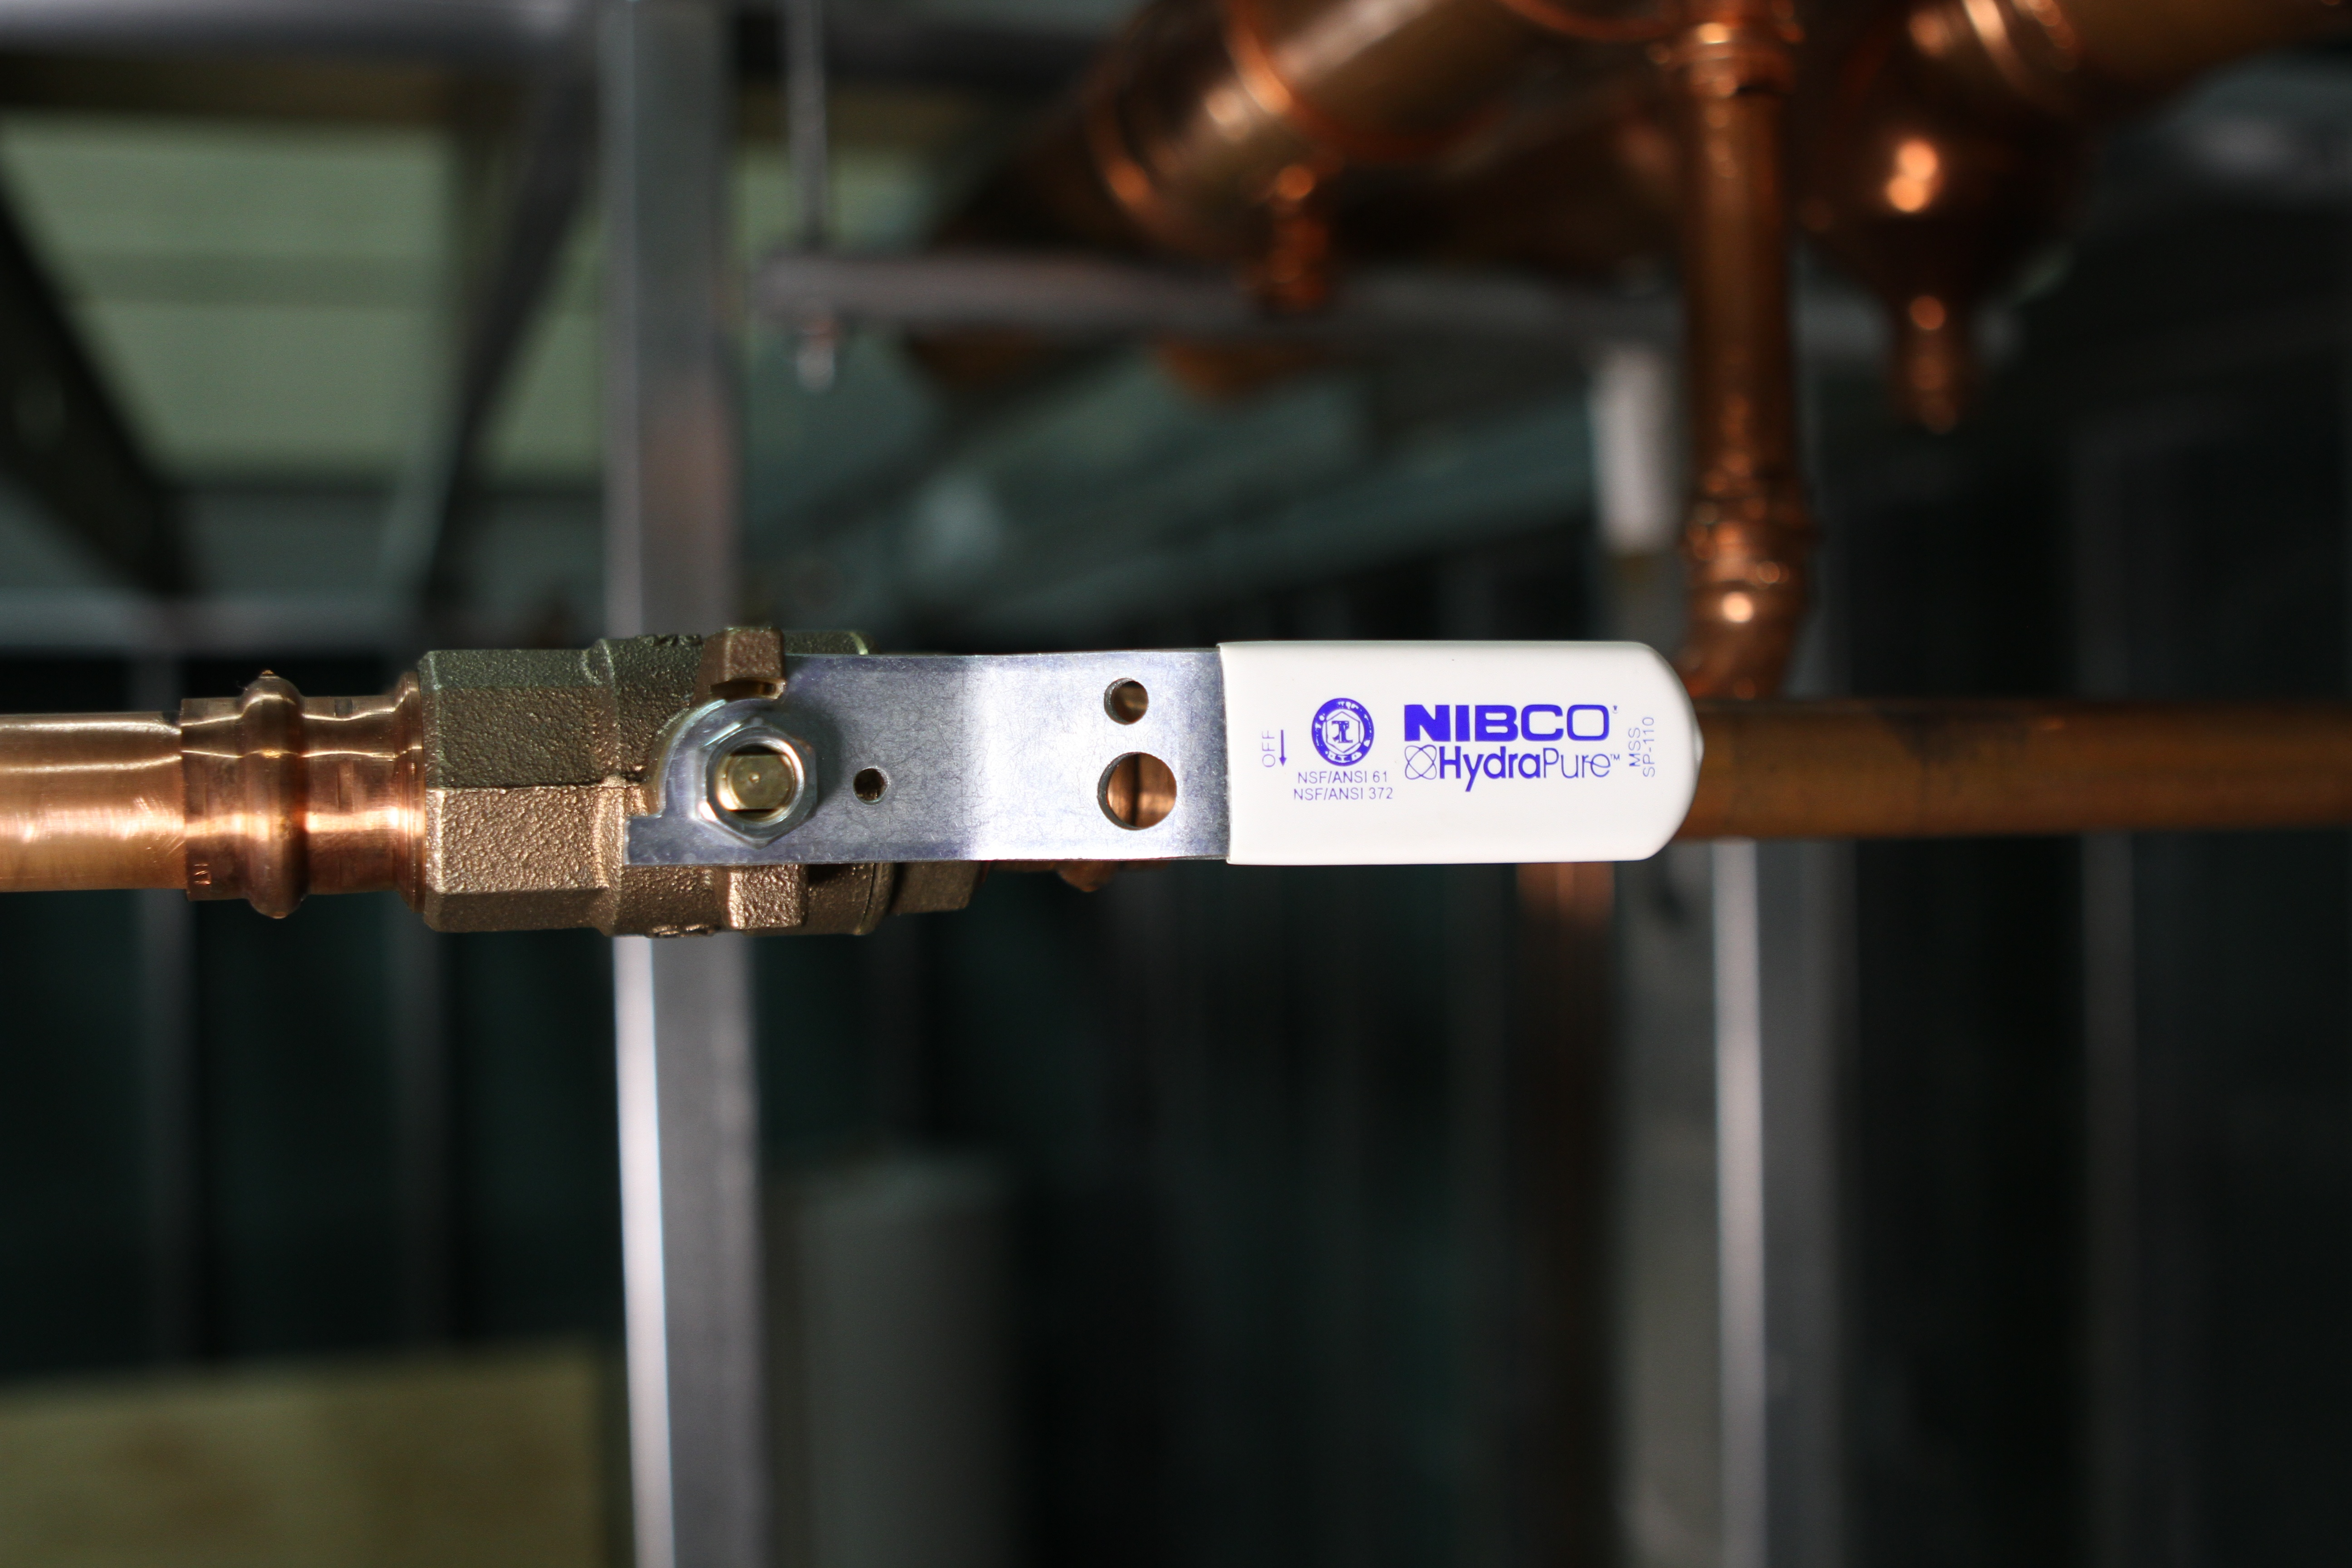 NIBCO Press System Installation